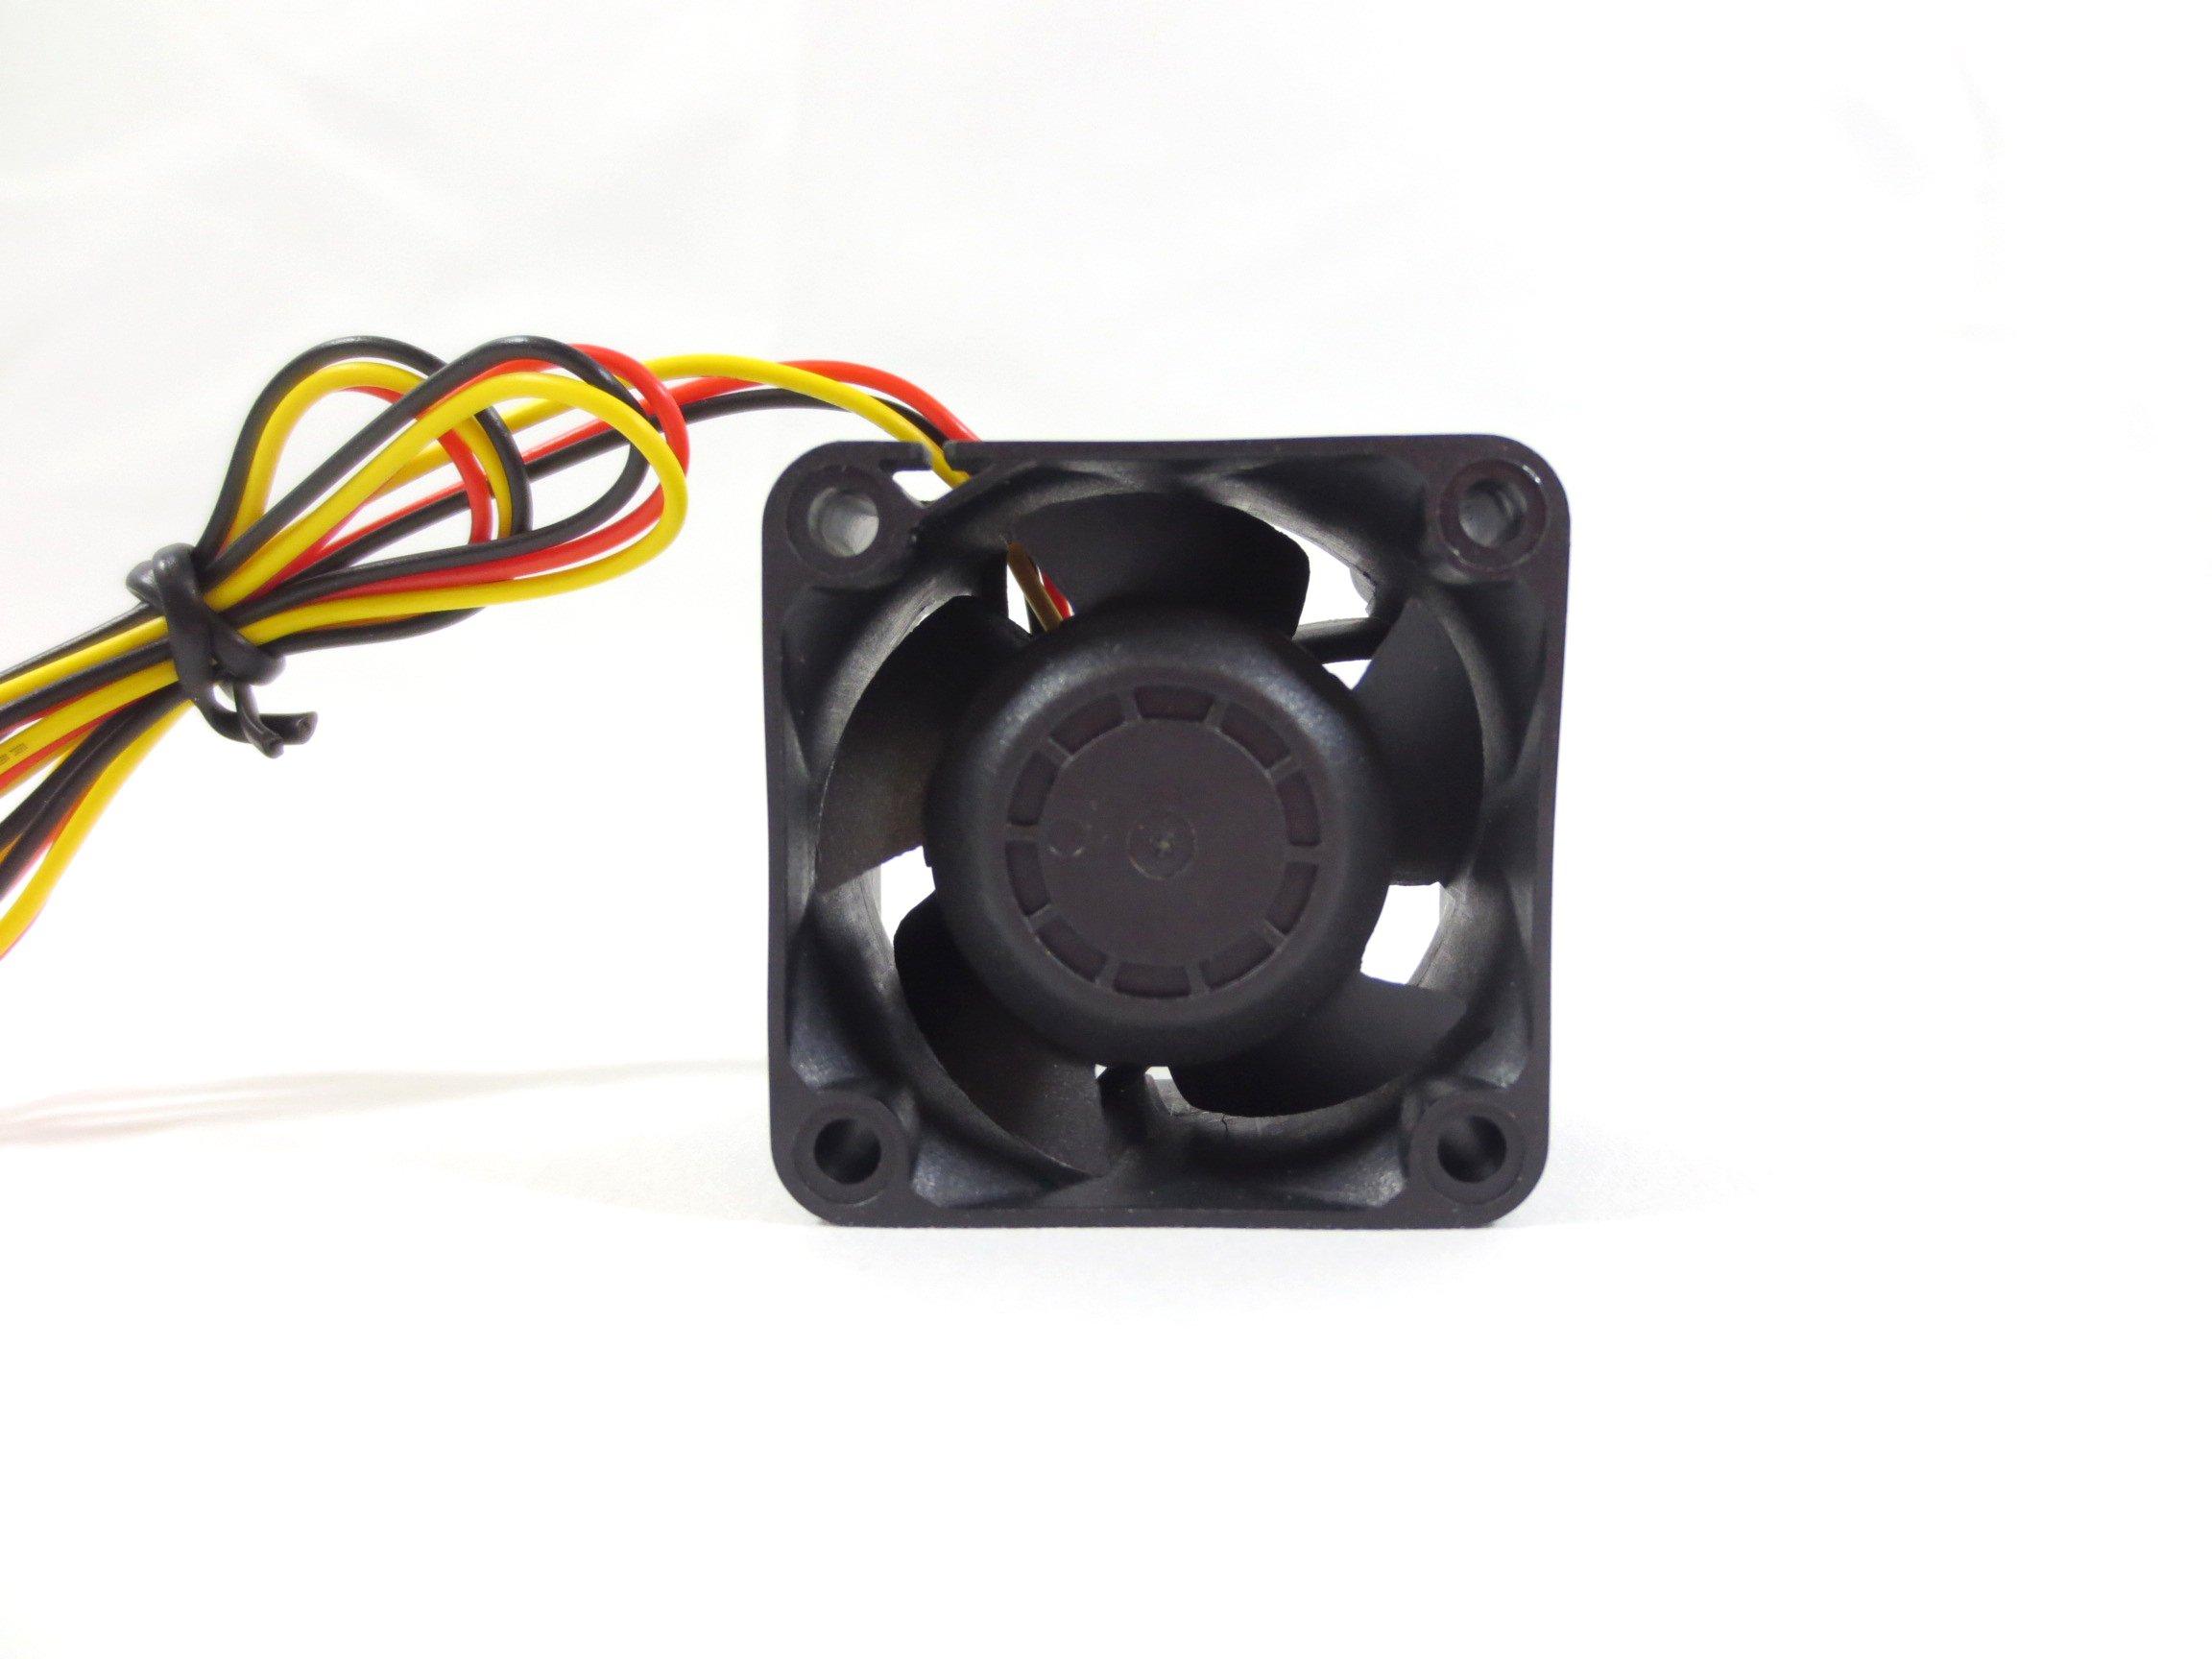 Fan Cooler Bgears b-Blaster 40 System, Black